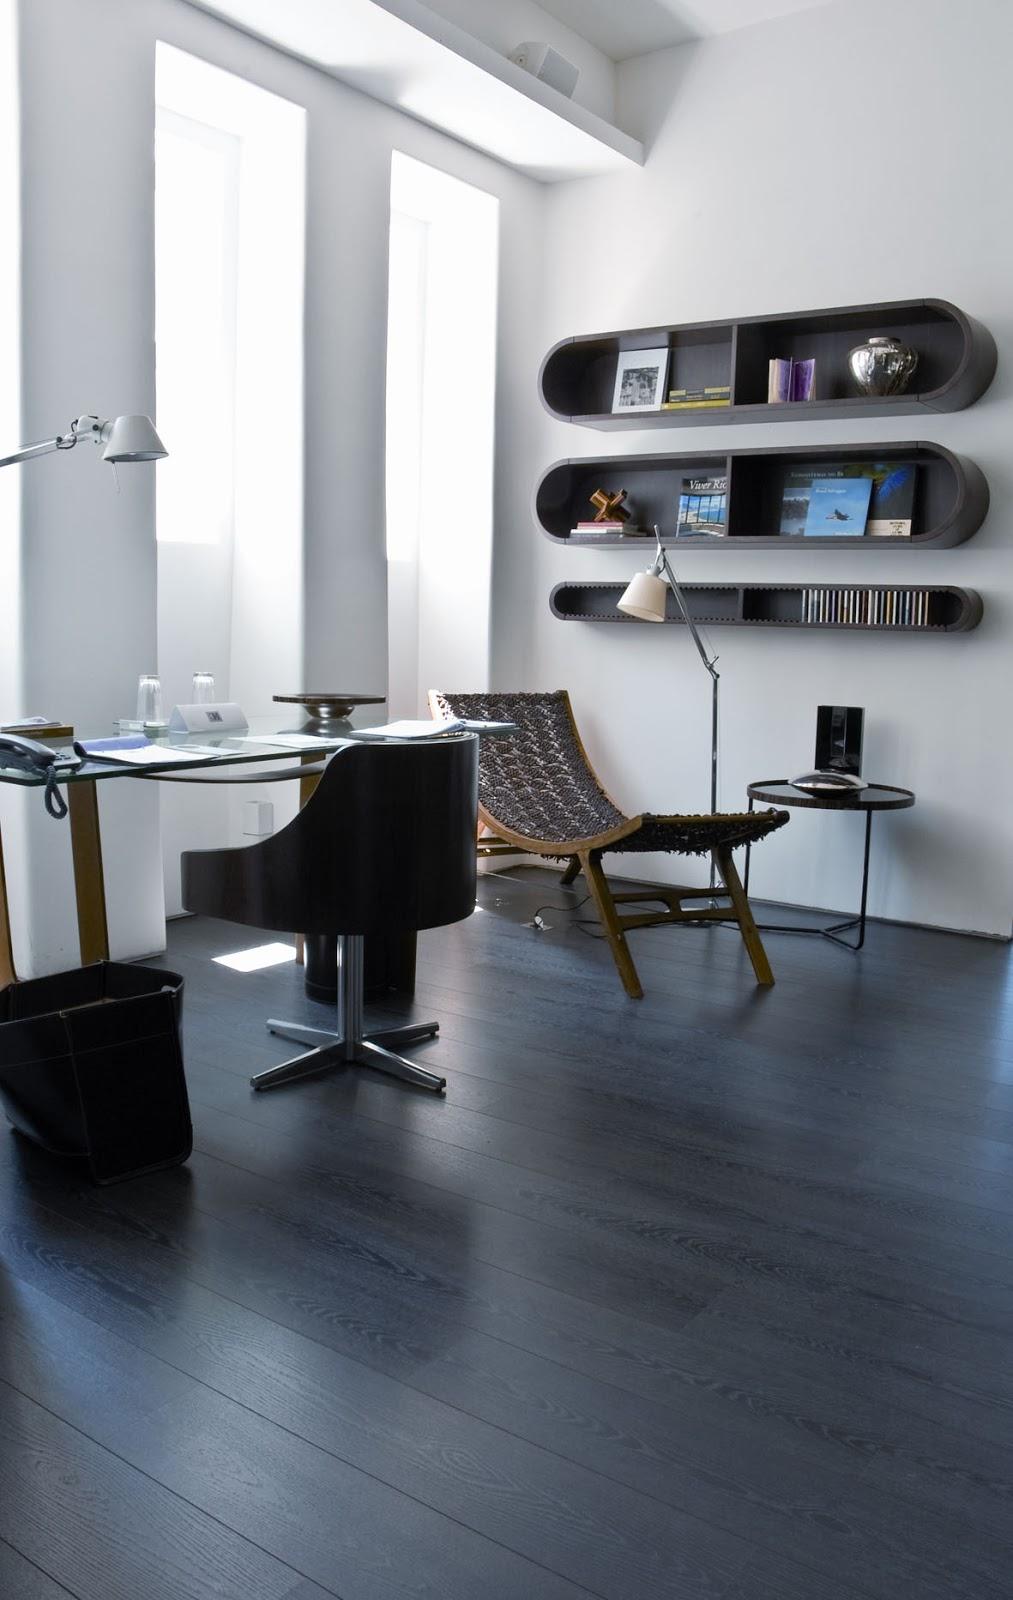 Ateli revestimentos dicas para decorar com pisos escuros for Piso 0 salas de estudo e atl